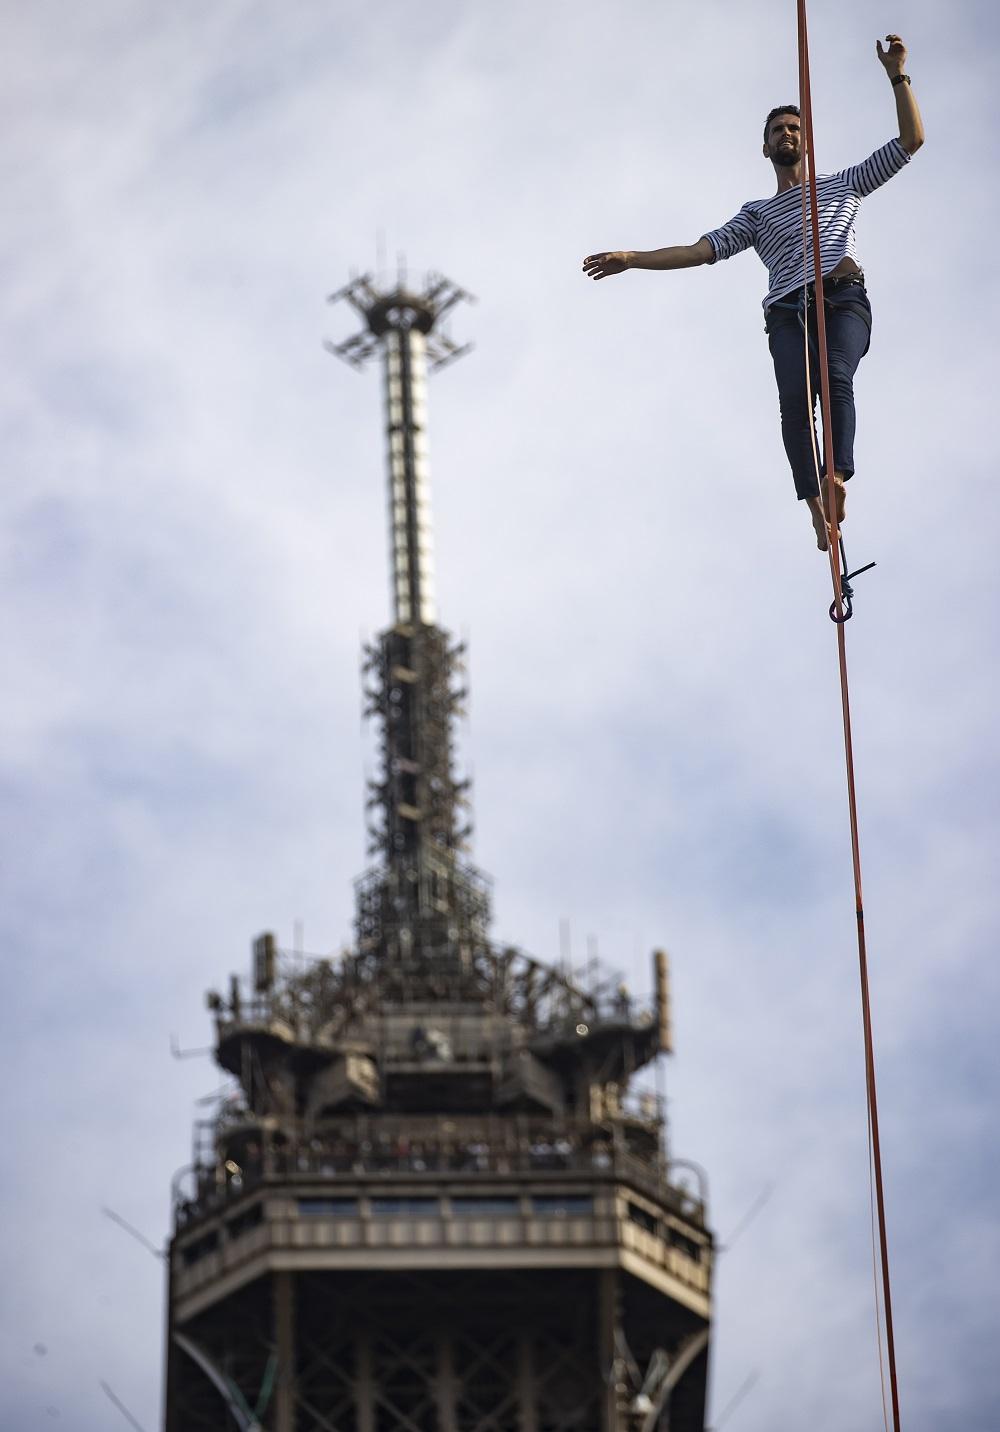 Paryžiuje drąsuolis akrobatas nepabūgos 70 m aukščio: įtemptu lynu kirto Senos upę